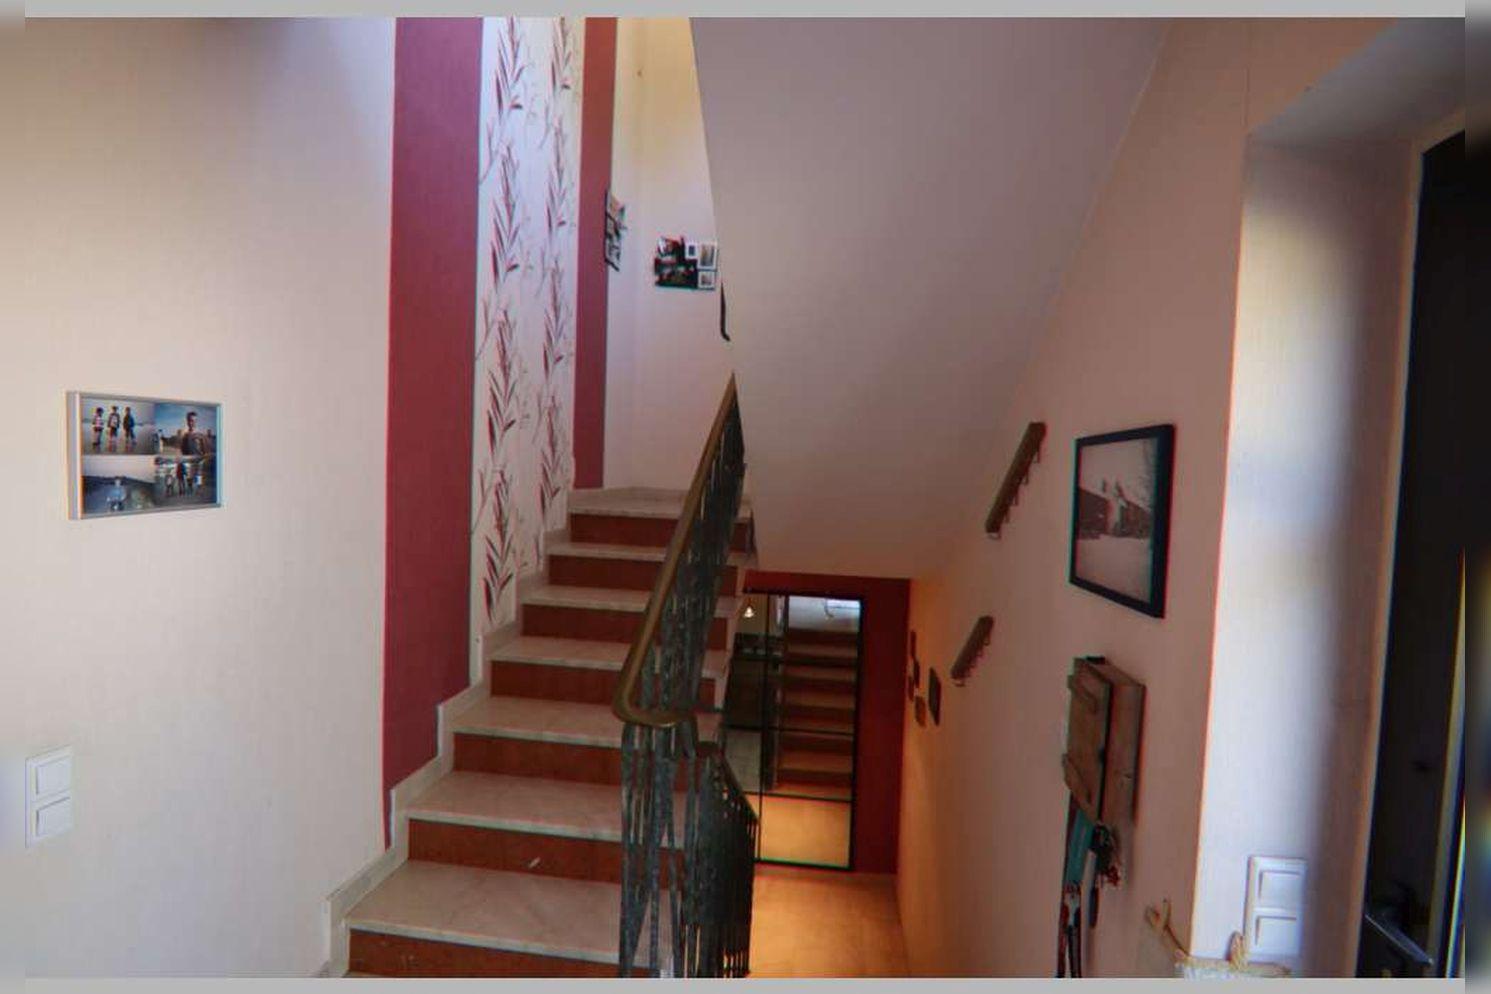 Immobilie Nr.0268 - Reihenmittelhaus mit 4 Zimmern, Küche, Diele, Badezimmer, Gäste-WC, Garten, Garage und Stellplätzen - Bild 18.jpg